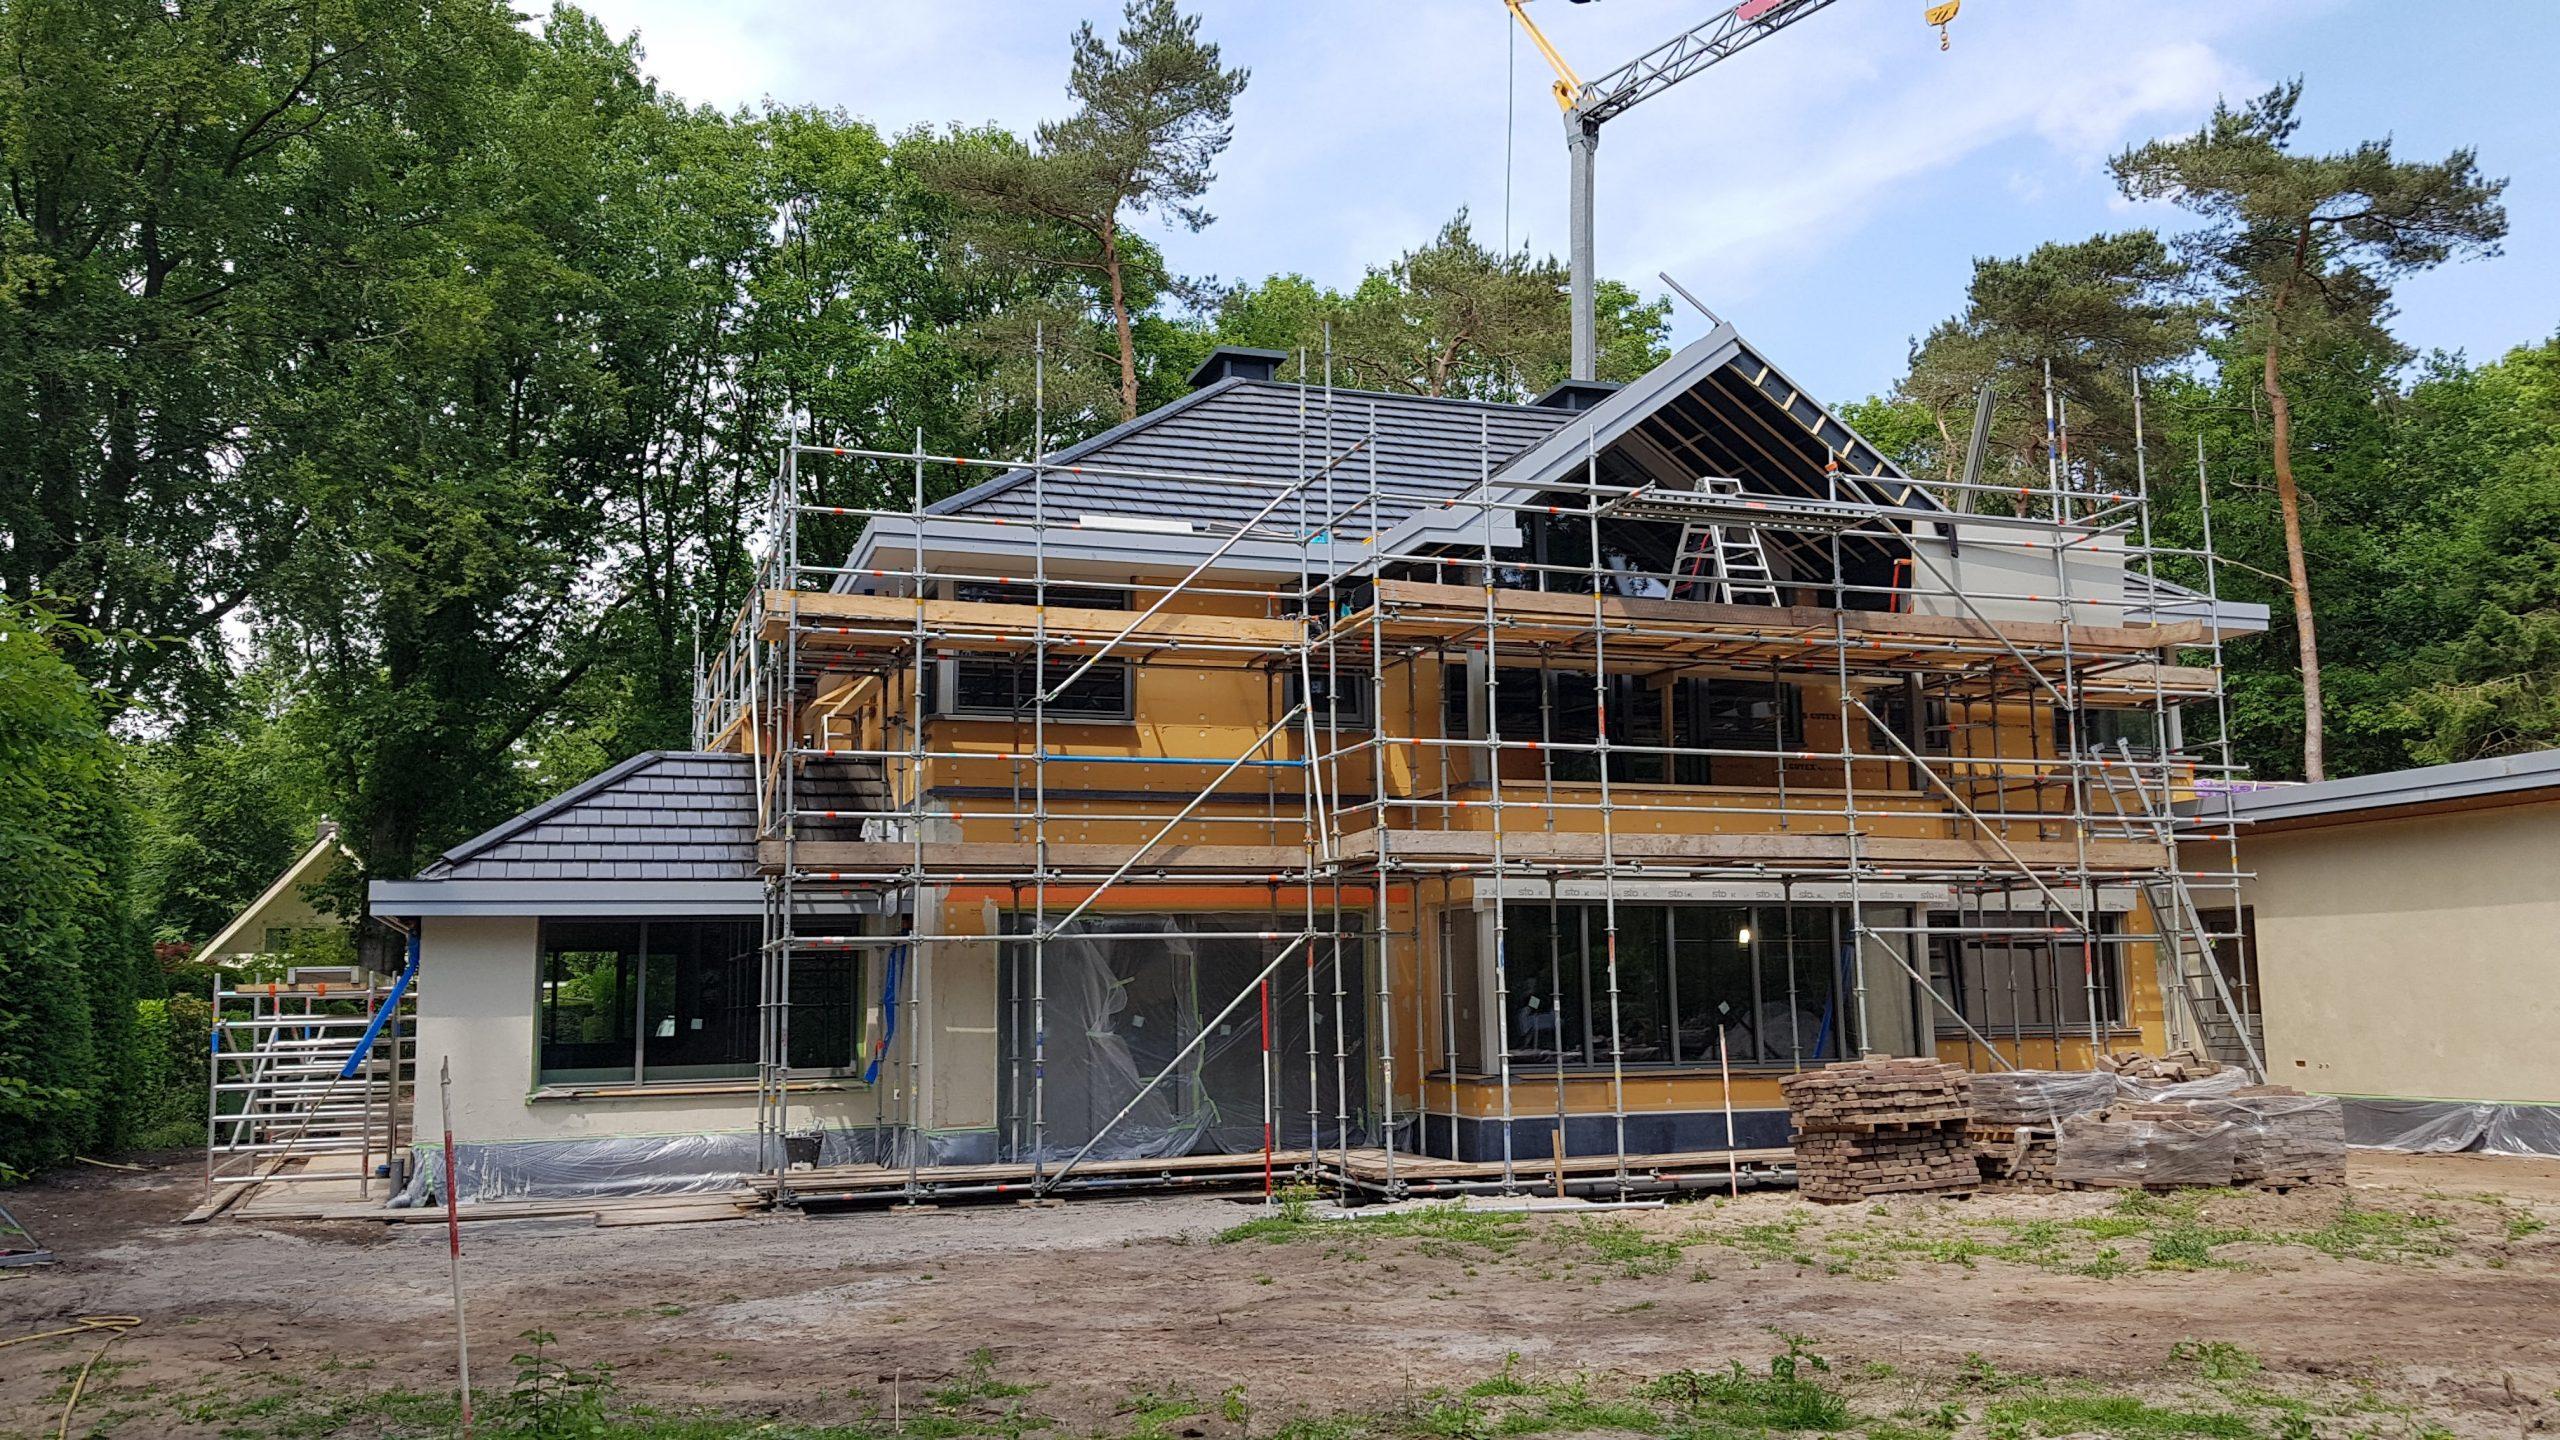 Achtergevel met aan de rechterkant de aanbouw die dient als mantelzorgwoning. Het aanbrengen van de boeiboorden is bijna klaar.